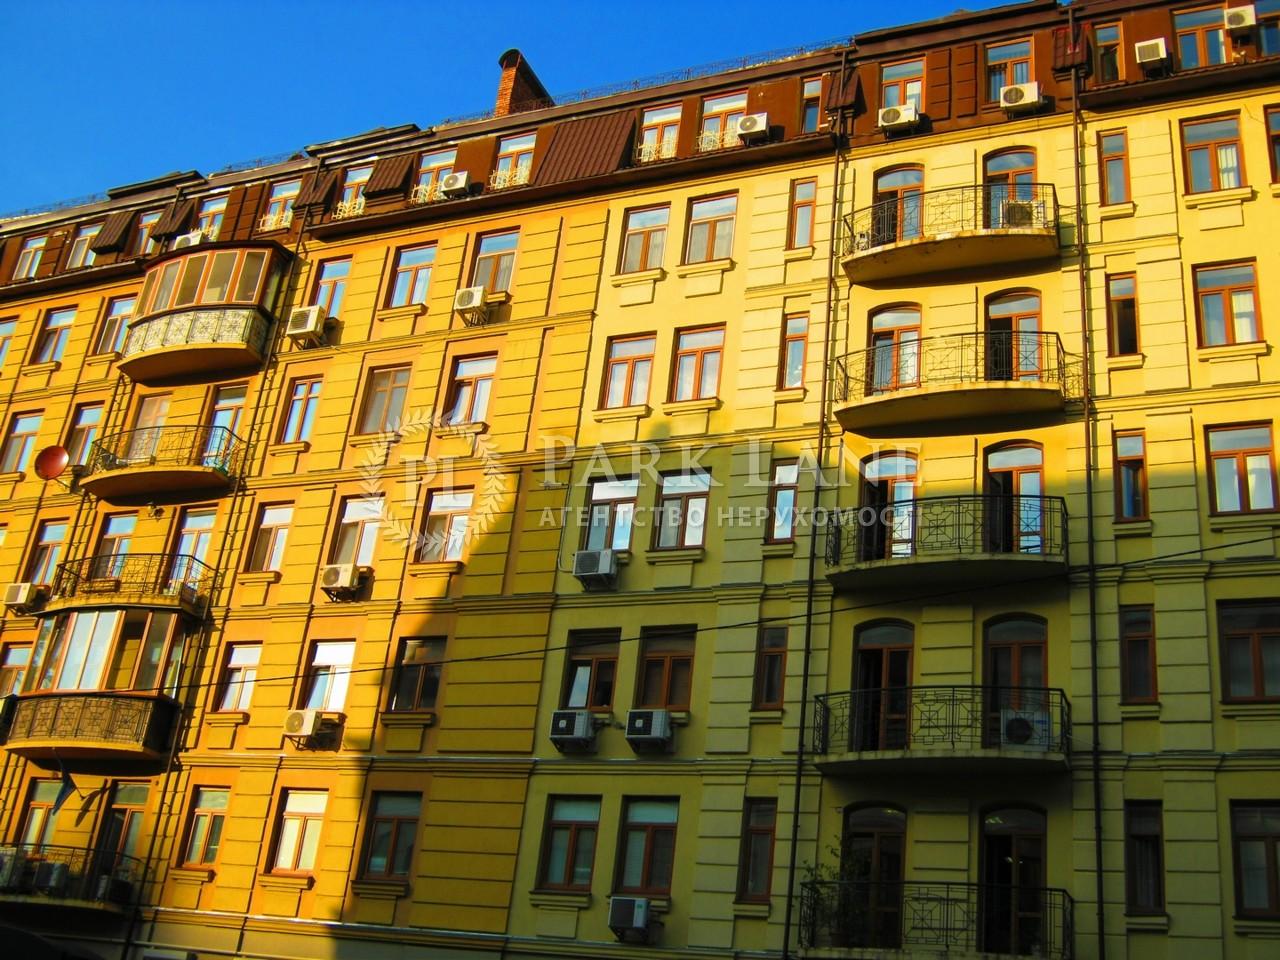 Квартира вул. Боричів Тік, 30, Київ, B-63122 - Фото 1